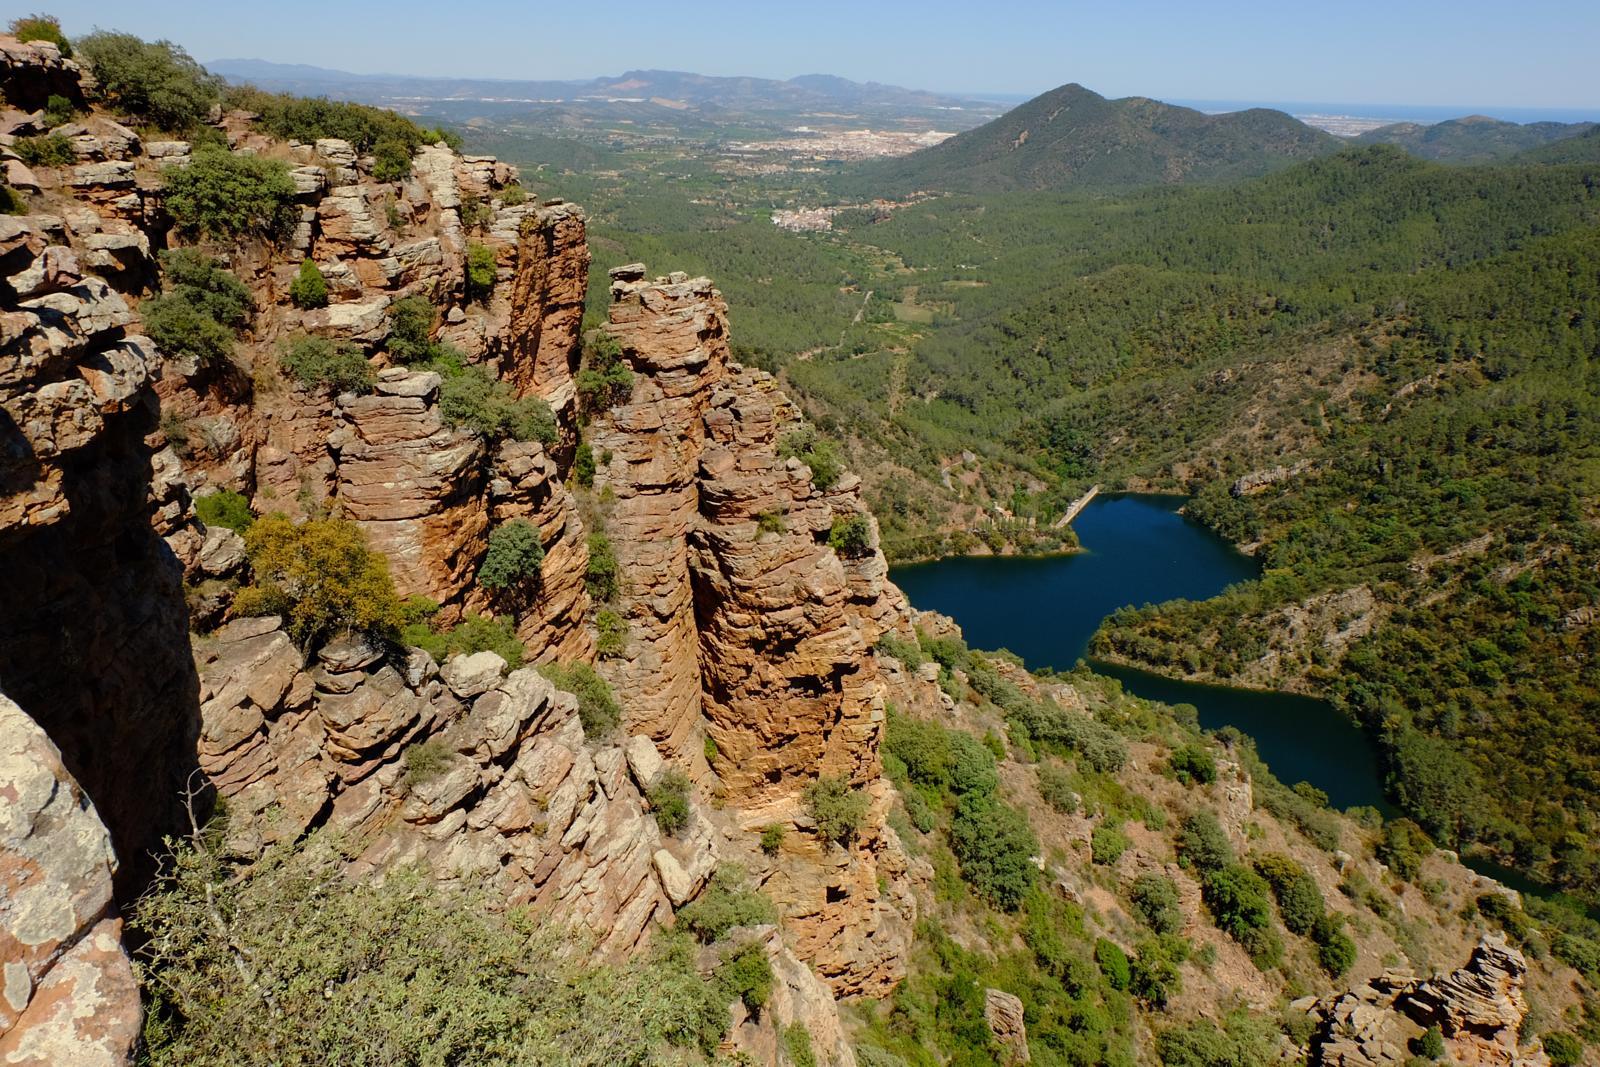 parquenaturalespadan - Sierra de Espadán-Comunidad Valenciana-España